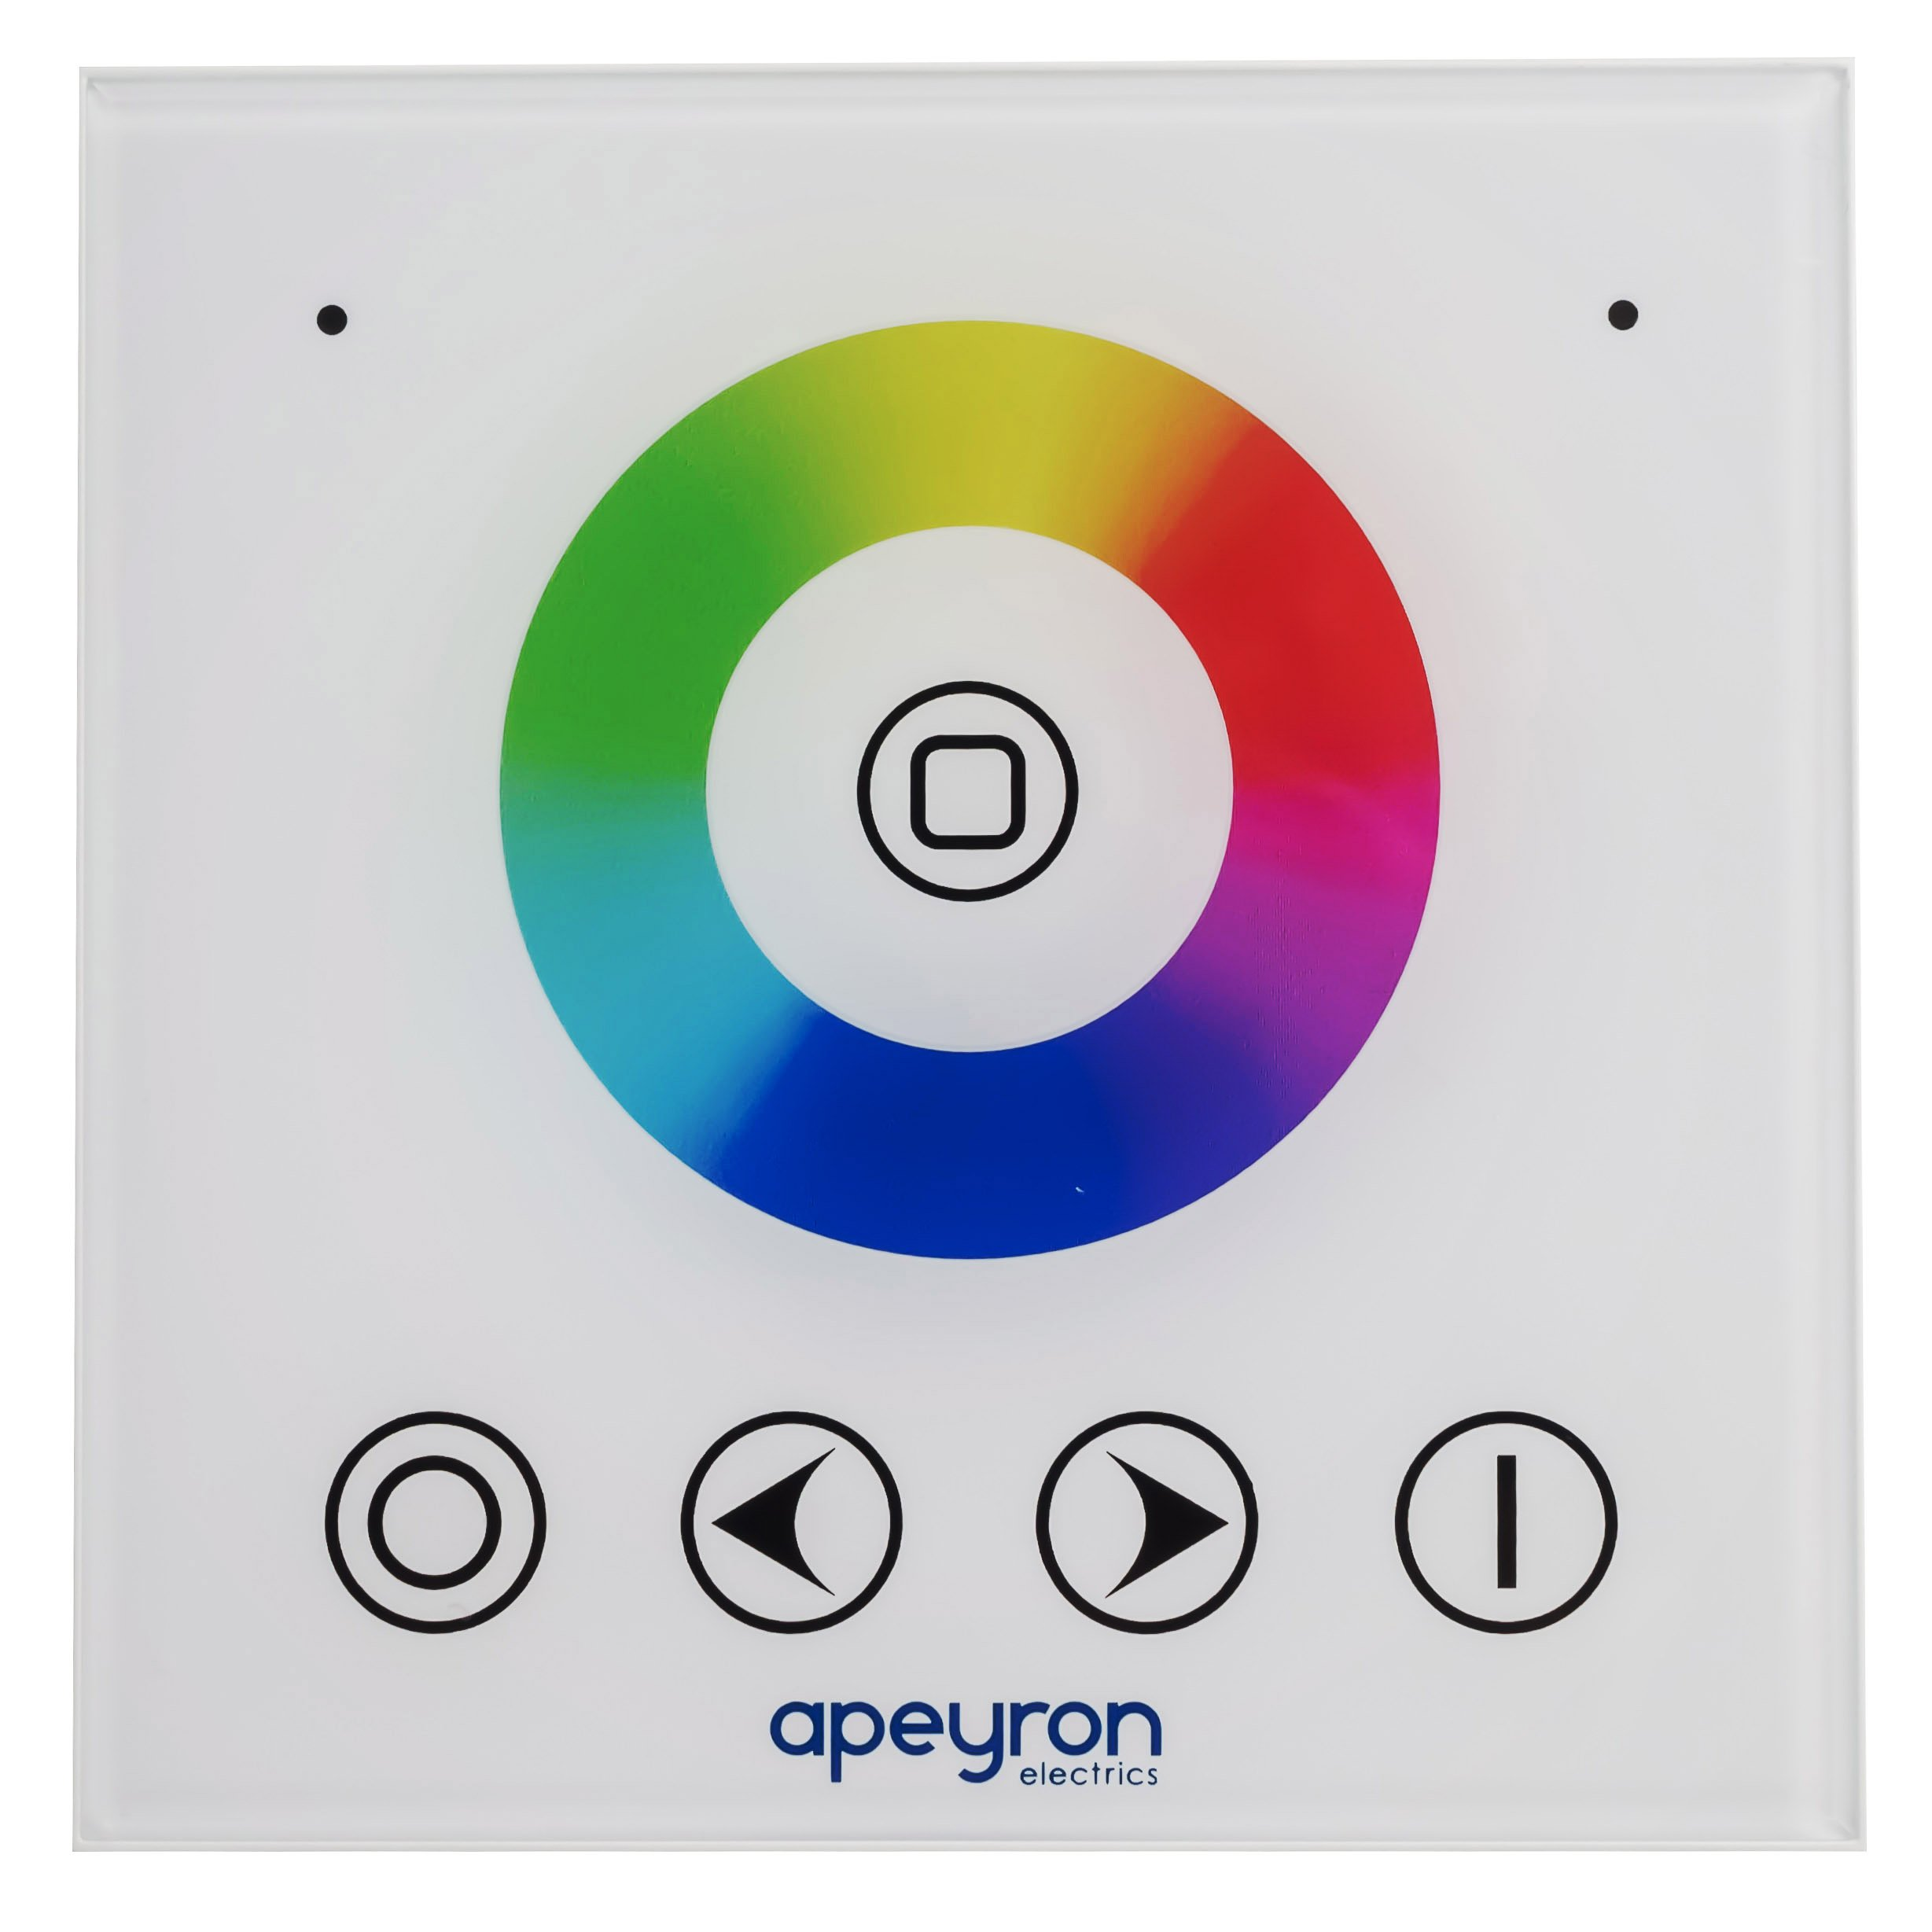 Контроллер управления светом APEYRON electrics 04-09, белый контроллер для светодиодной www ленты с пультом ду эра www controler 12 a03 rf